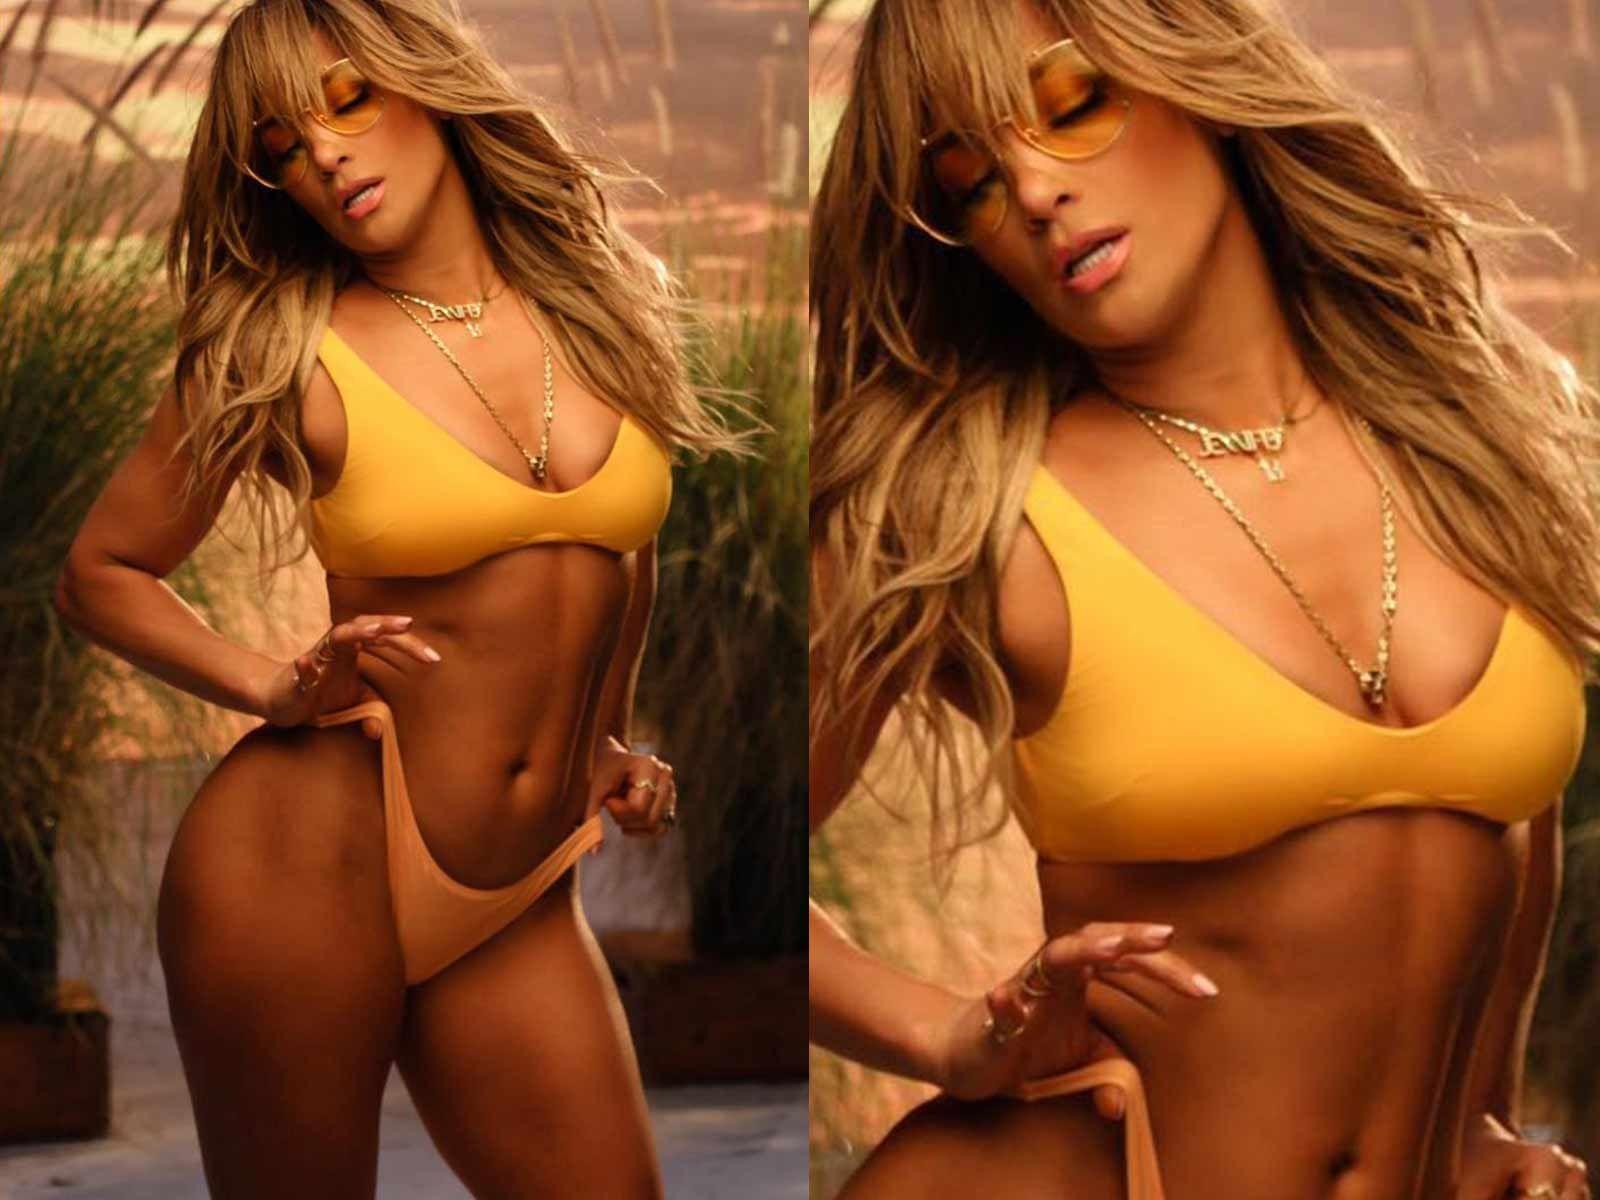 Jennifer Lopez Makes Pulses Race In Itty Bitty Yellow Bikini